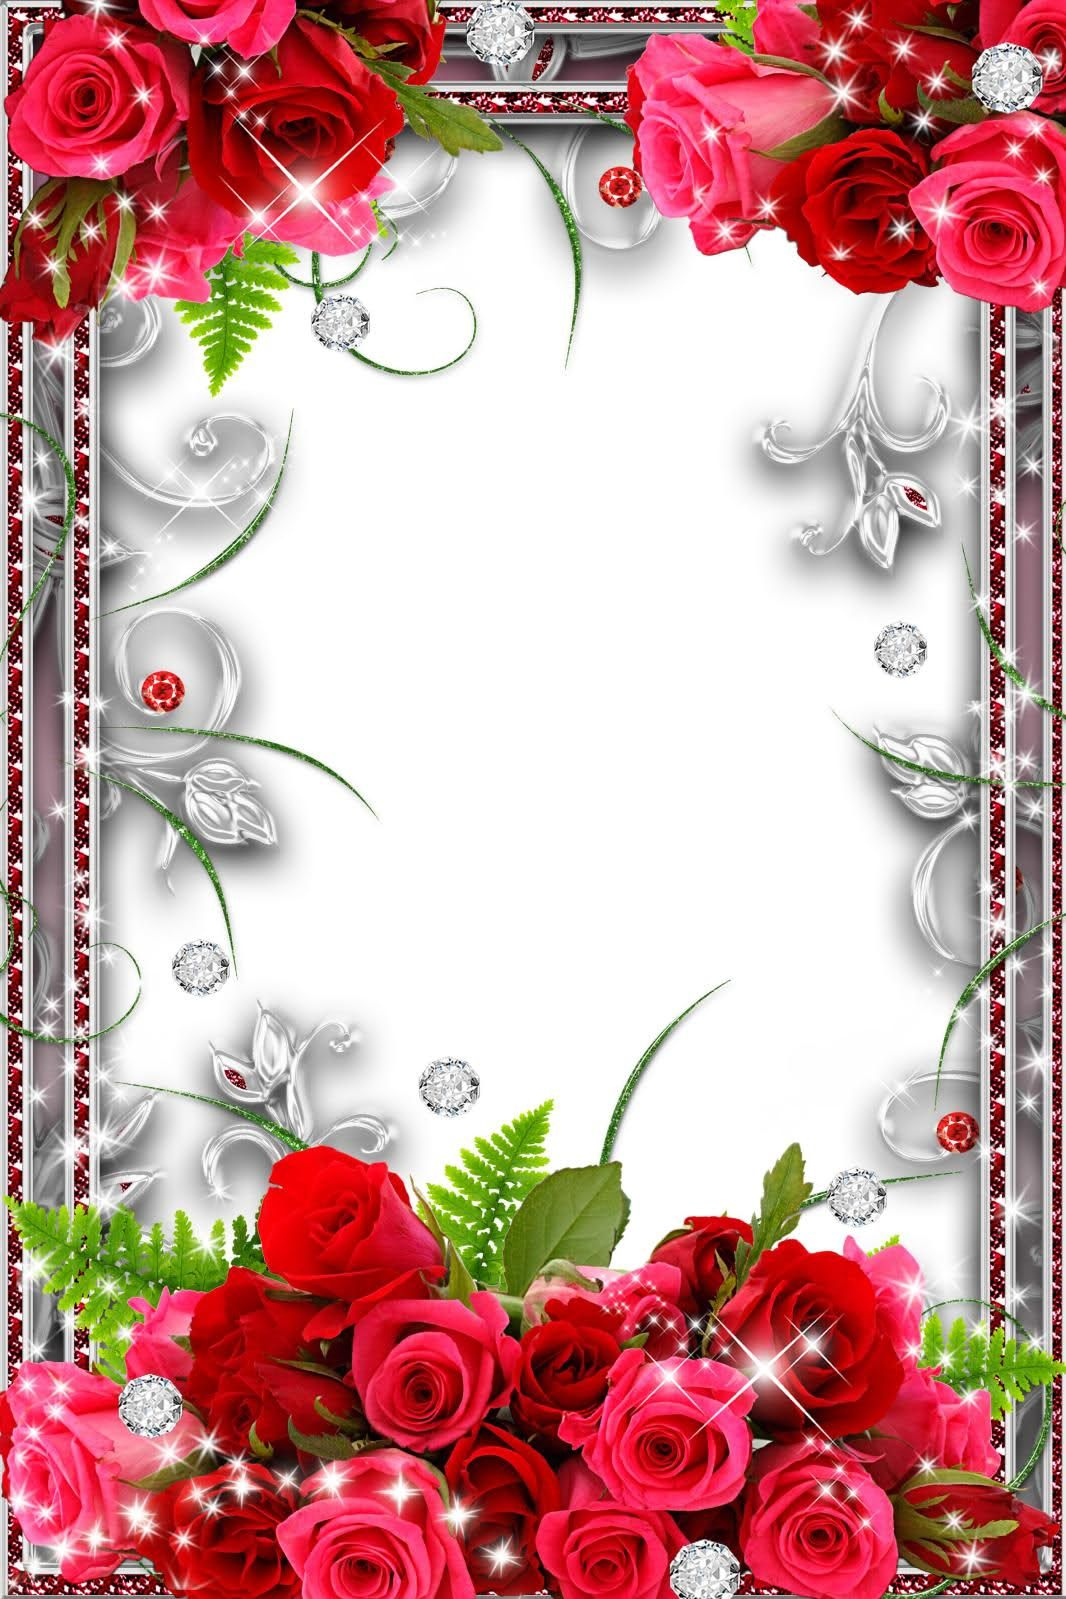 Programa para decorar fotos gratis en espaol las 6 - Decorador de fotos gratis ...